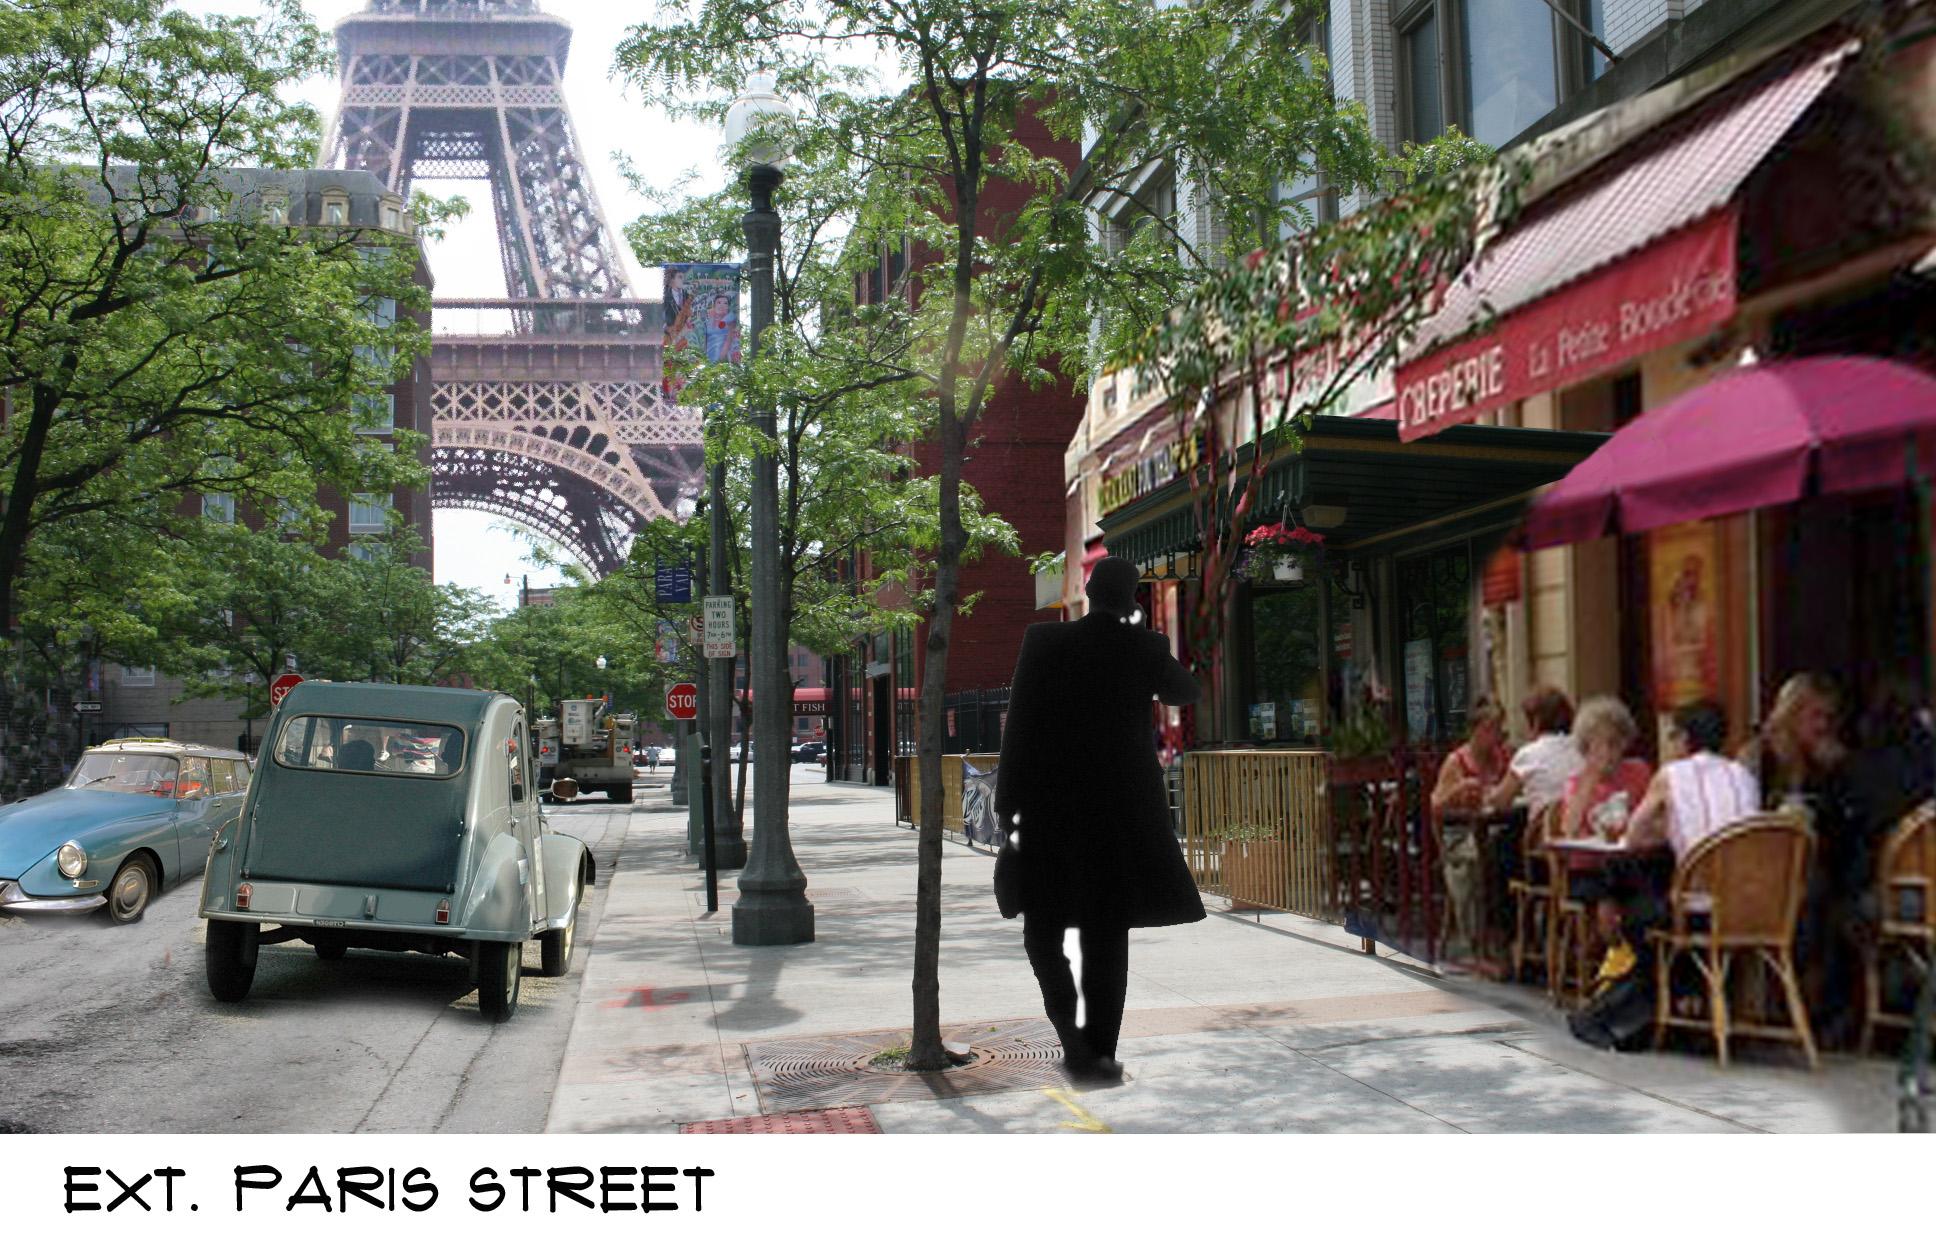 Ext. Paris St. Concept